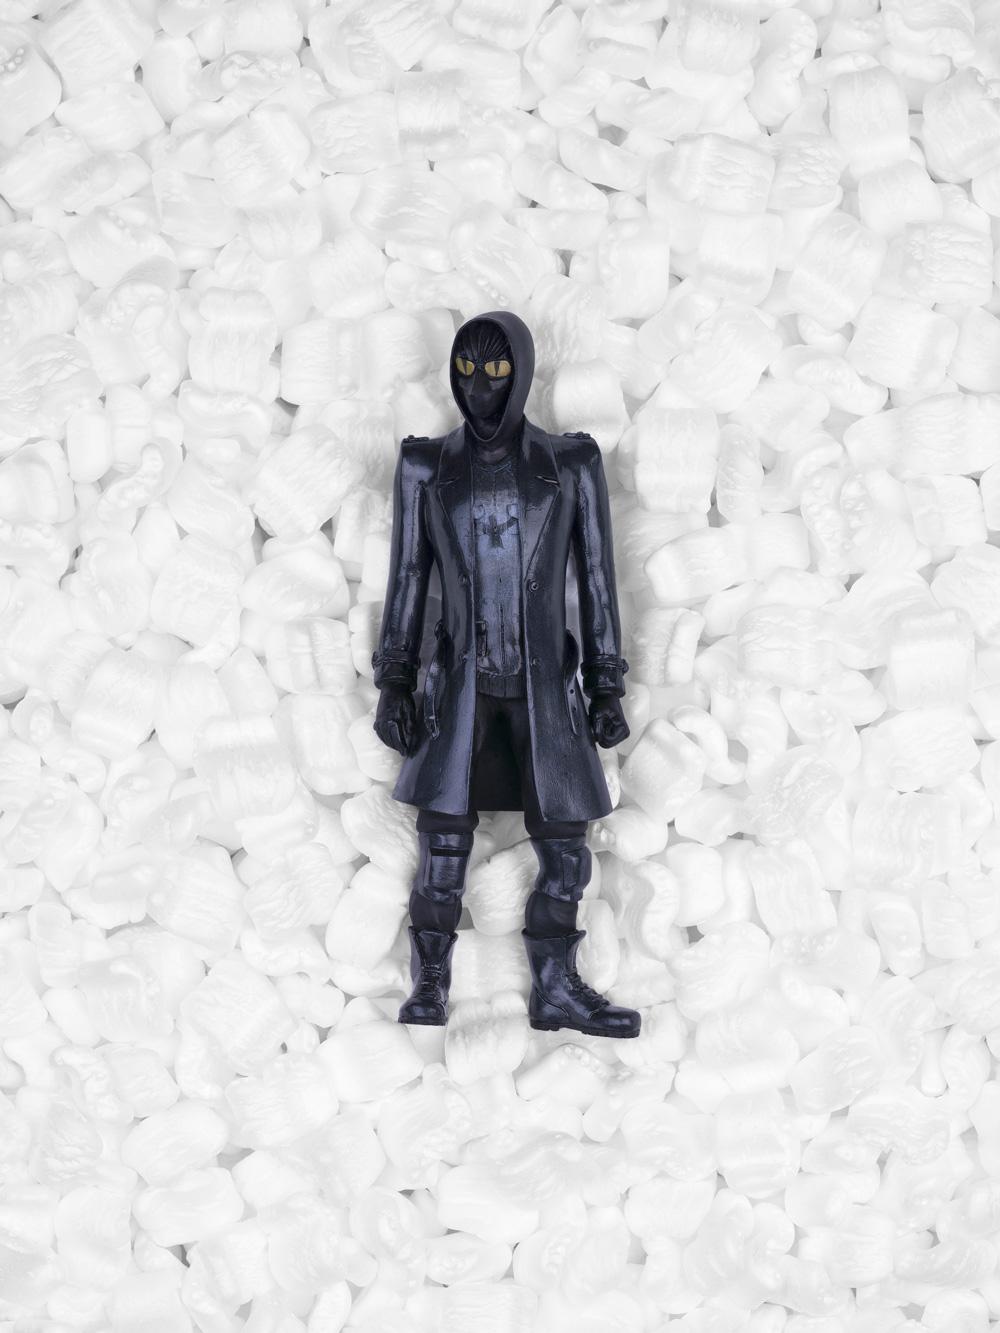 Pierre-Elie de Pibrac - Real Life Super Heroes - Blackbird